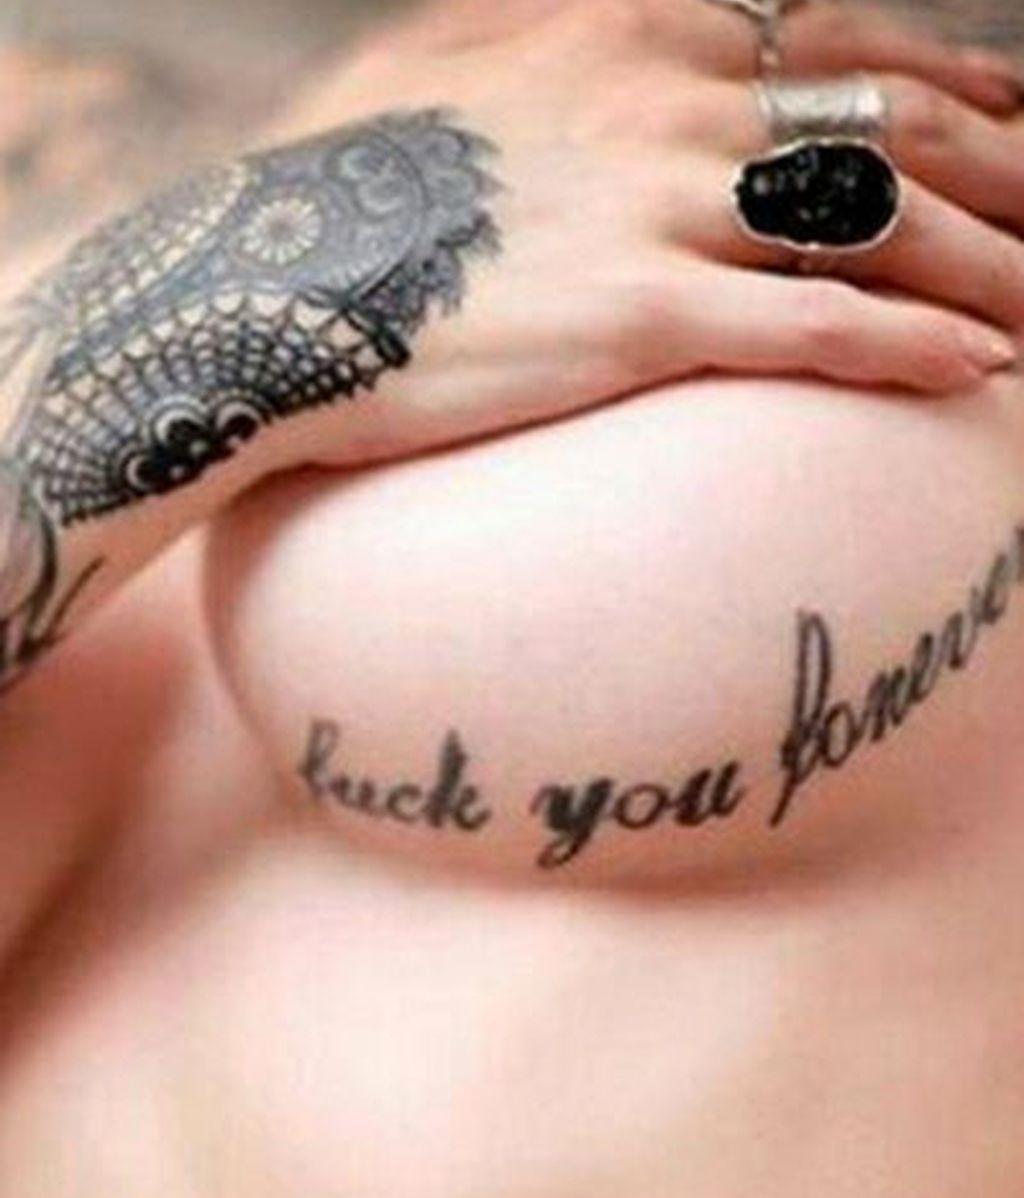 'Underboob', la nueva moda más sensual de selfies